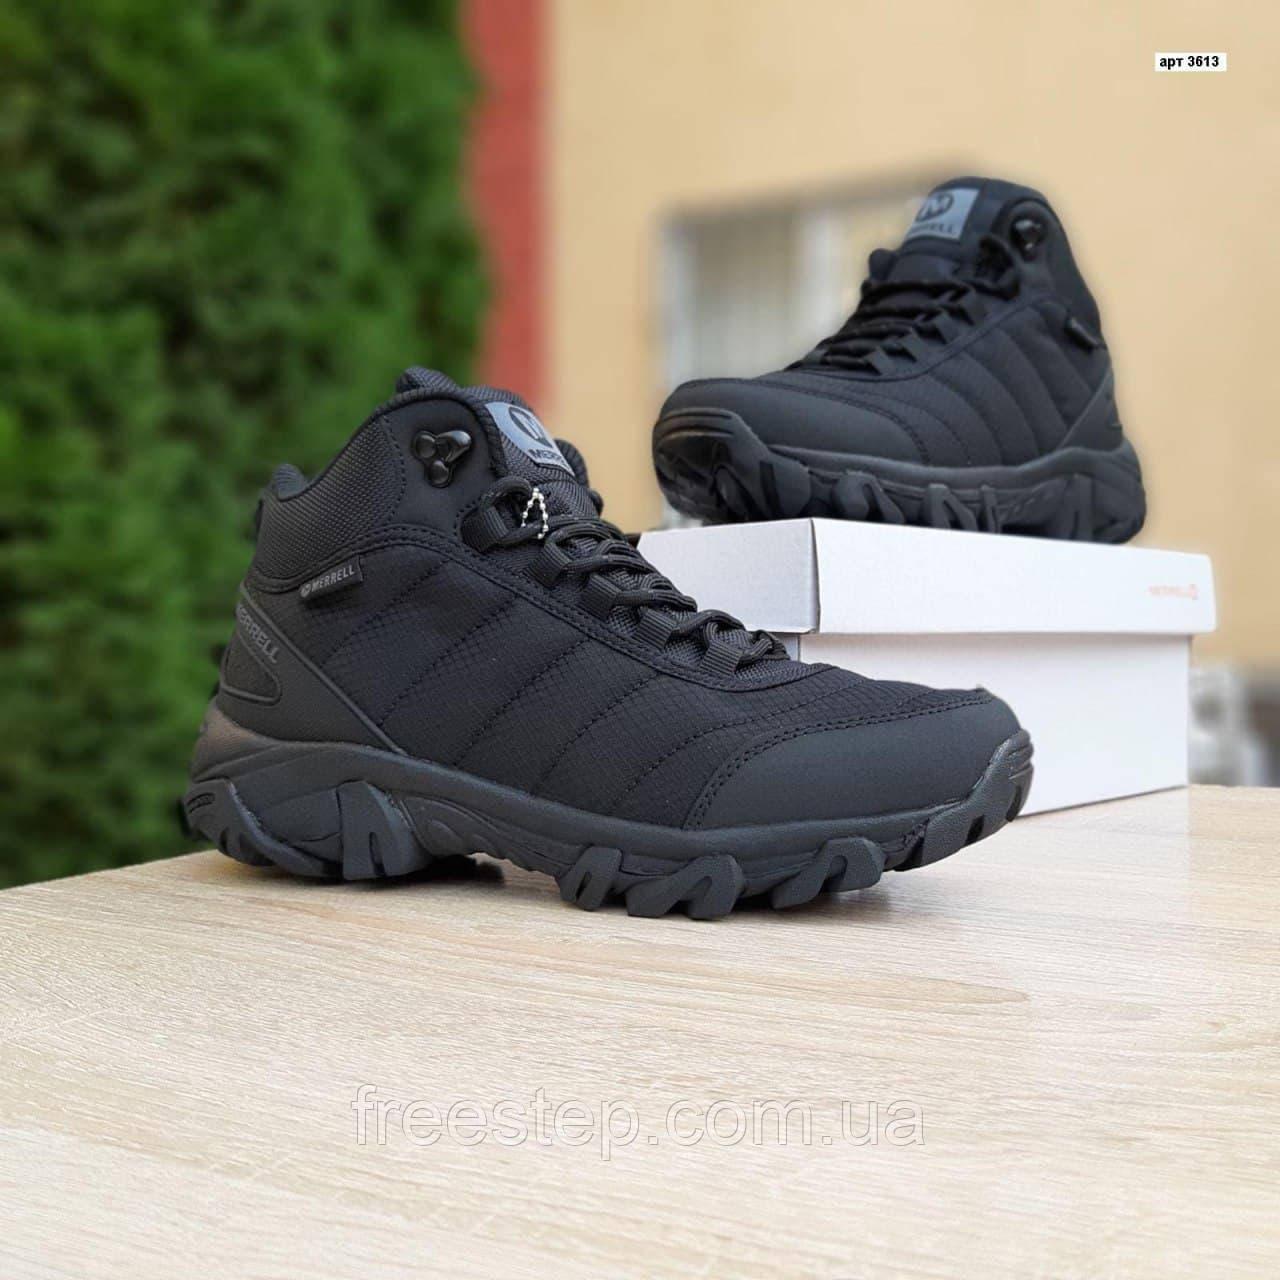 Чоловічі зимові кросівки Vibram чорні